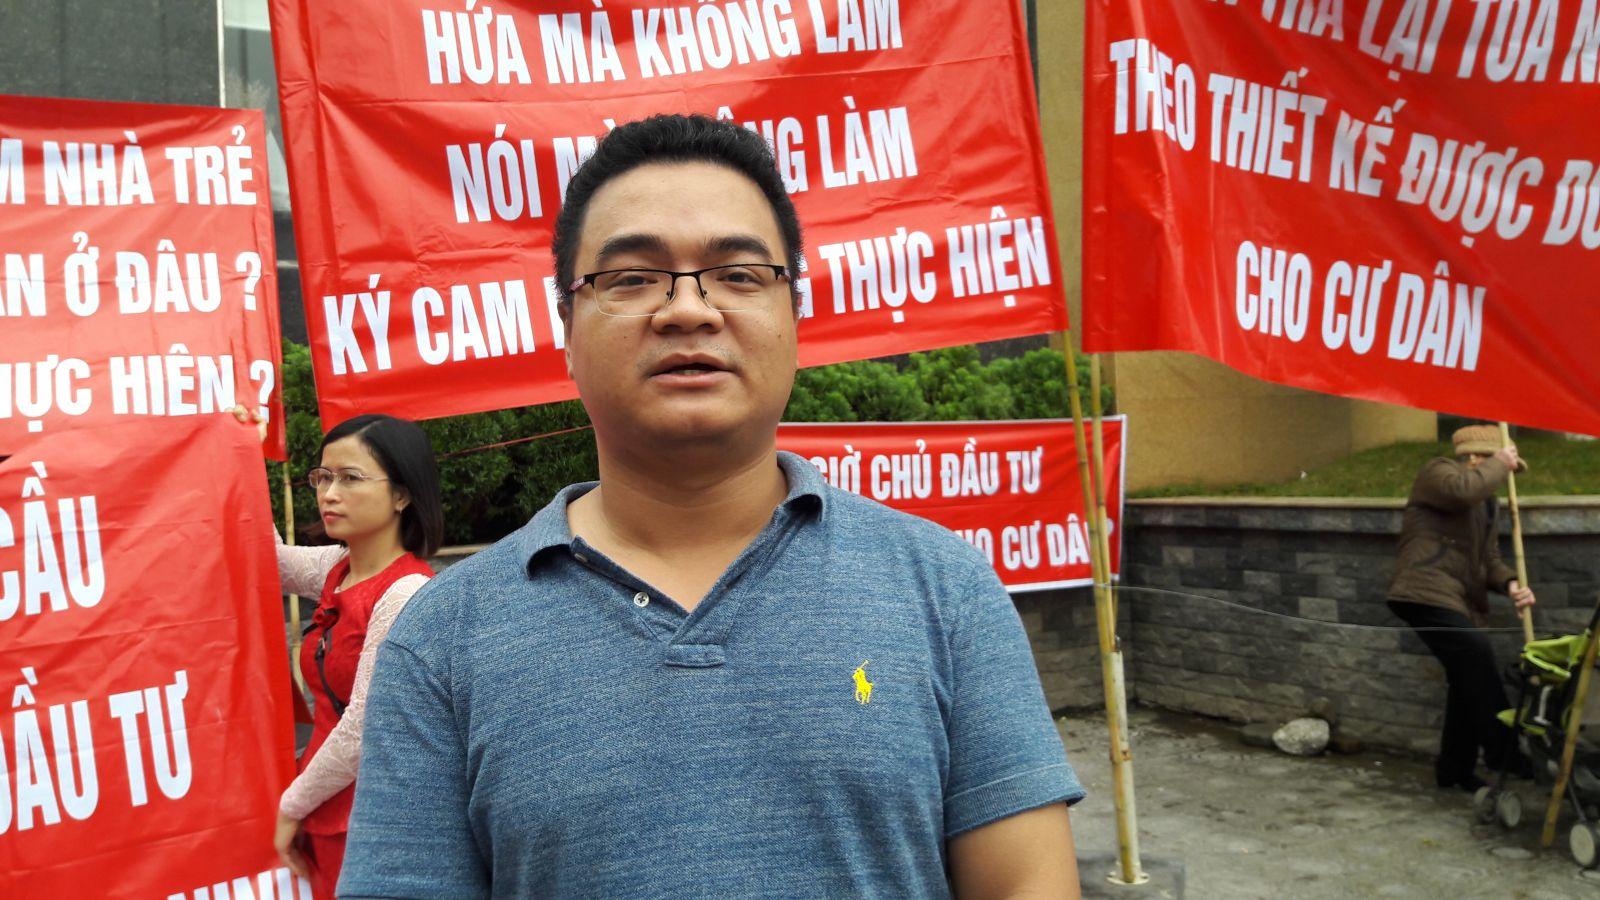 """Chung cư 25 Tân Mai (Hà Nội): Cư dân căng băng rôn """"tố"""" hàng loạt sai phạm của chủ đầu tư"""